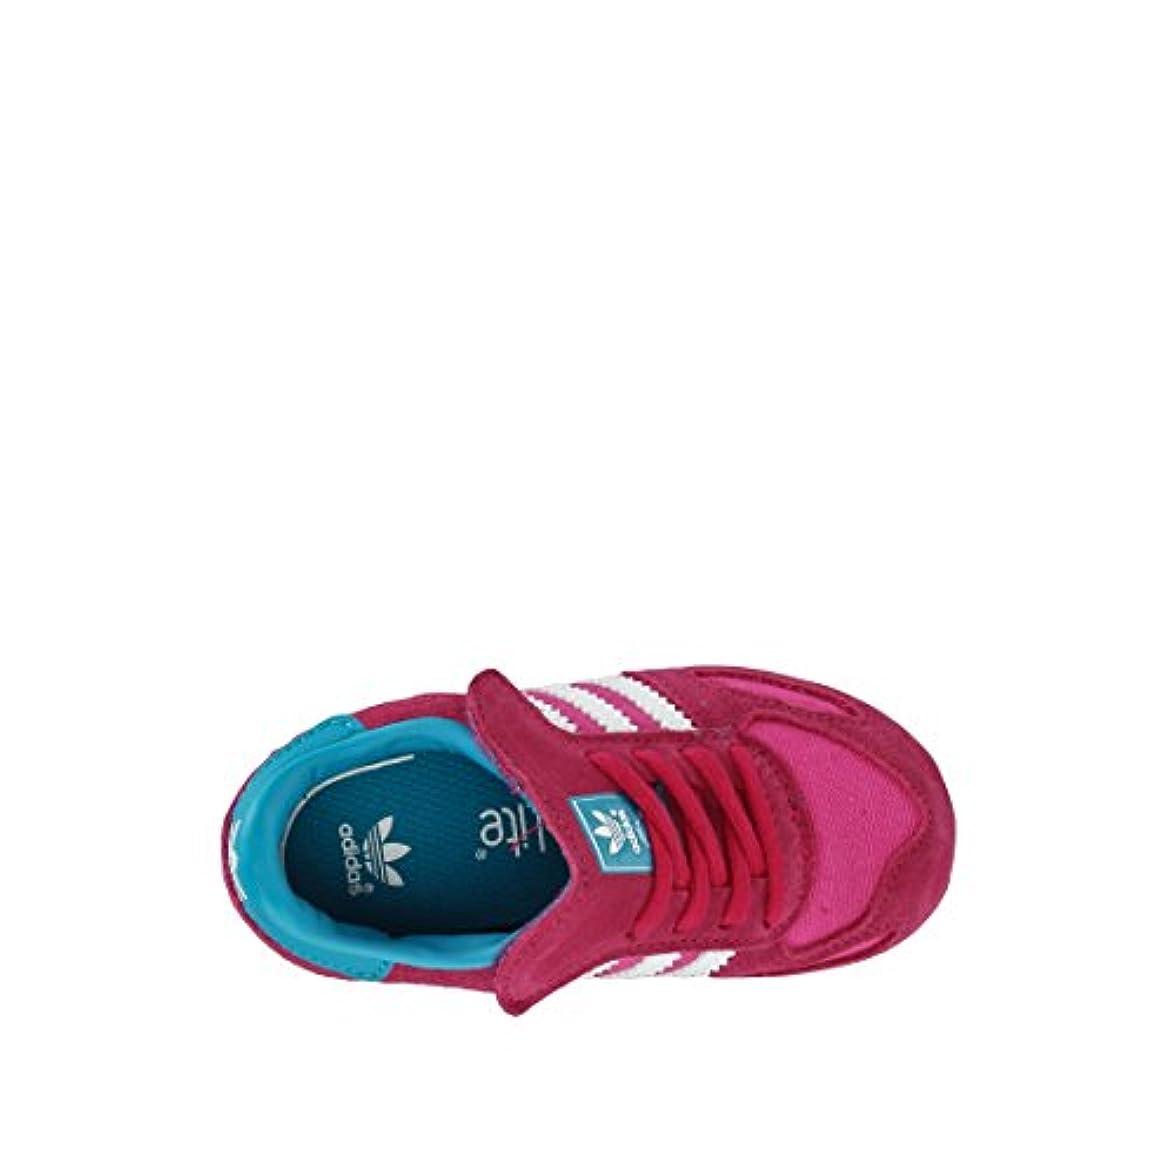 Adidas La Trainer K Bambina Pelle Scamosciata Sneaker Bassa